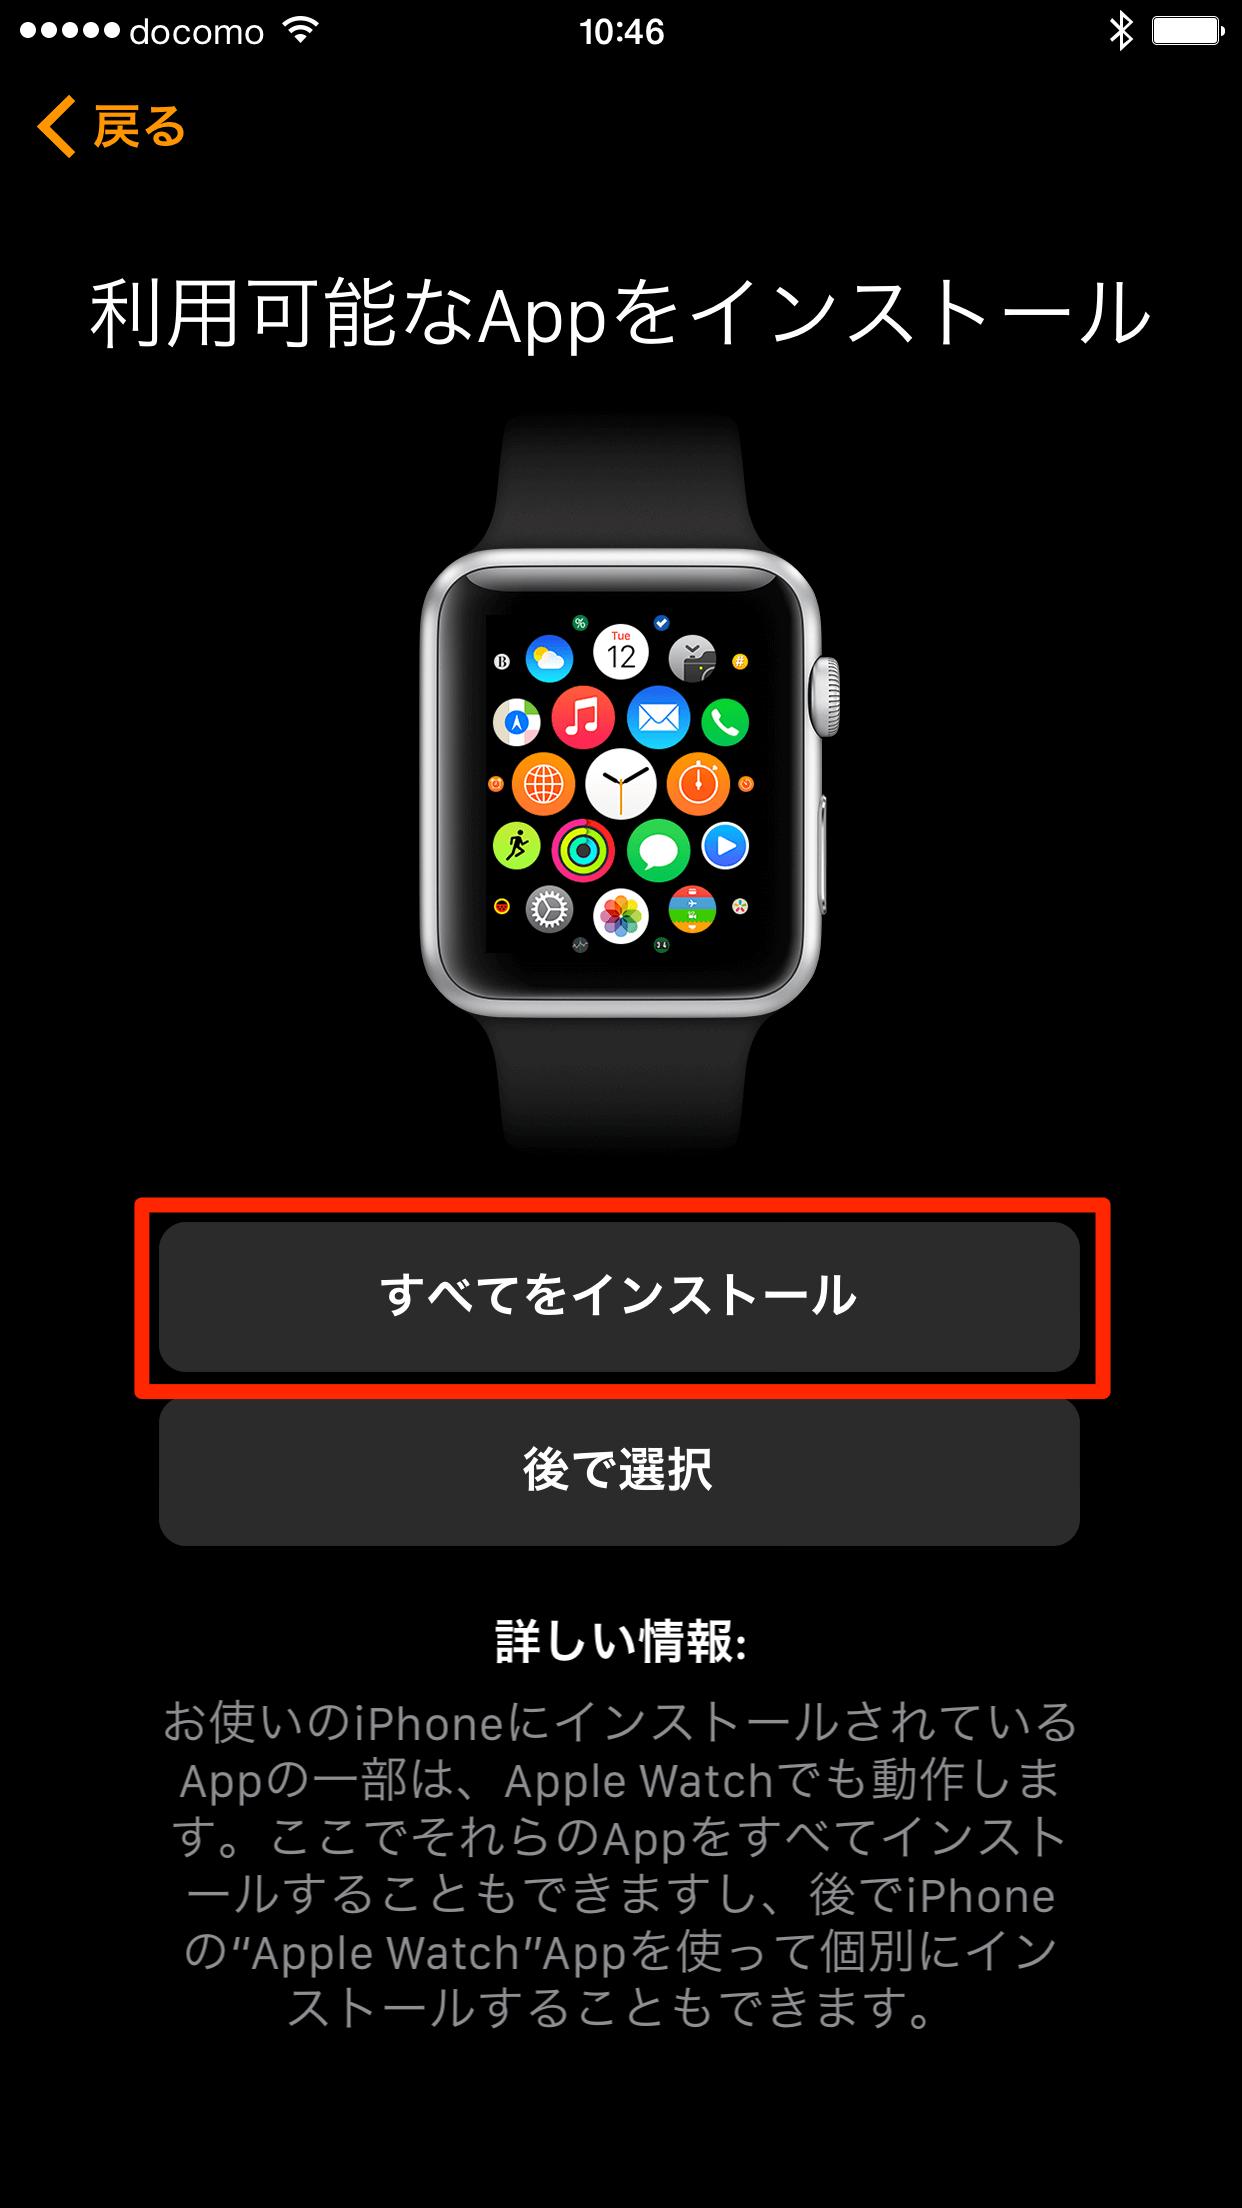 Apple Watchにアプリをインストールする